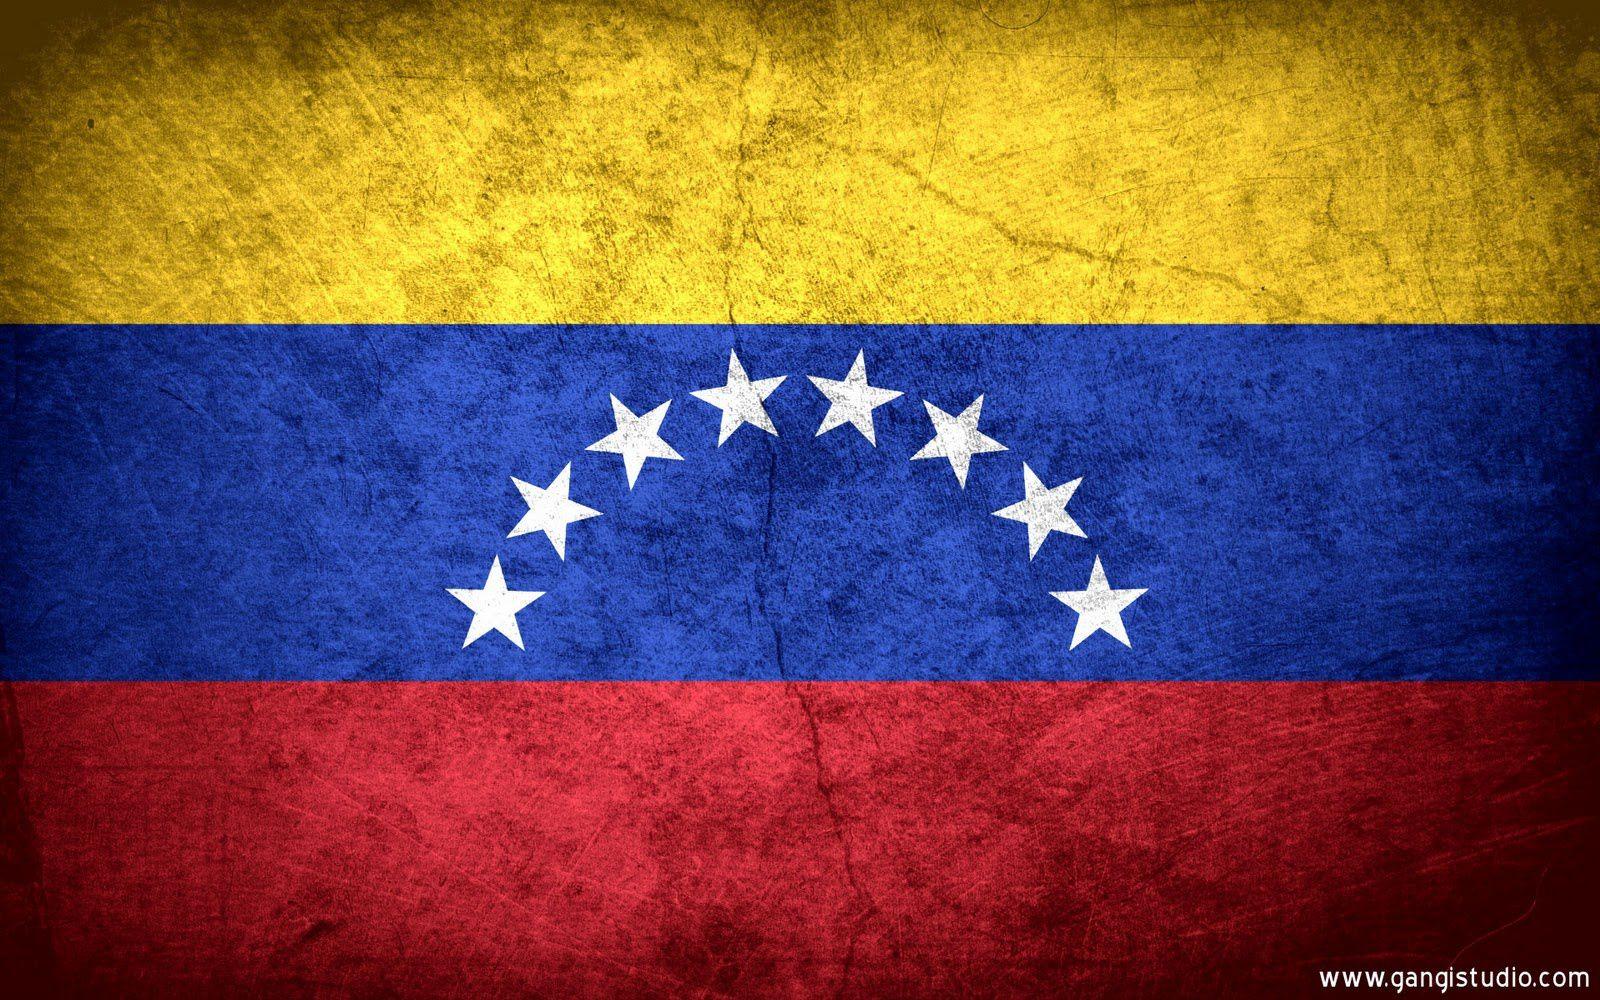 L'Amérique Latine se dirige vers une troisième transition Hégémonique... Ob_95683f121525e4e5840c0ad6367f8c7e_bandera-venezuela